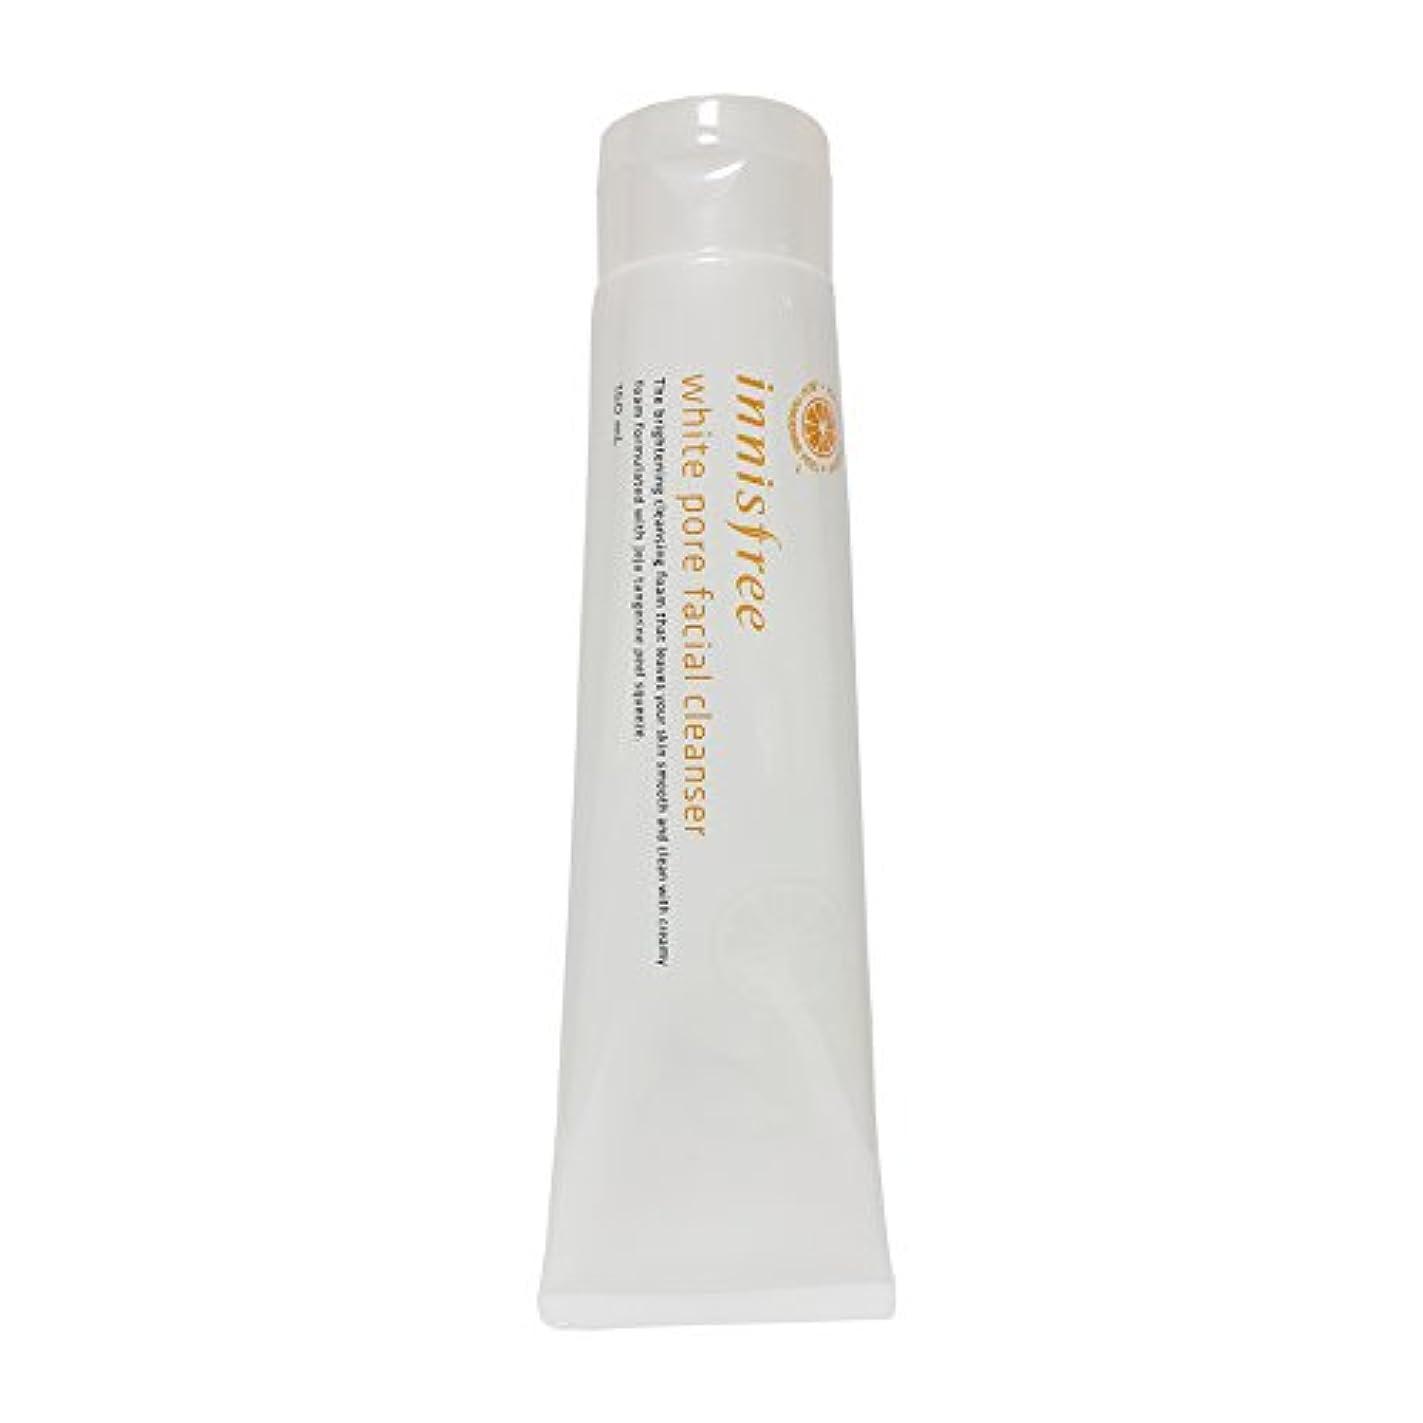 試みショップポータブル[イニスフリー] Innisfree ホワイト毛穴フェイシャルクレンザー (150ml) Innisfree White Pore Facial Cleanser(150ml) [海外直送品]